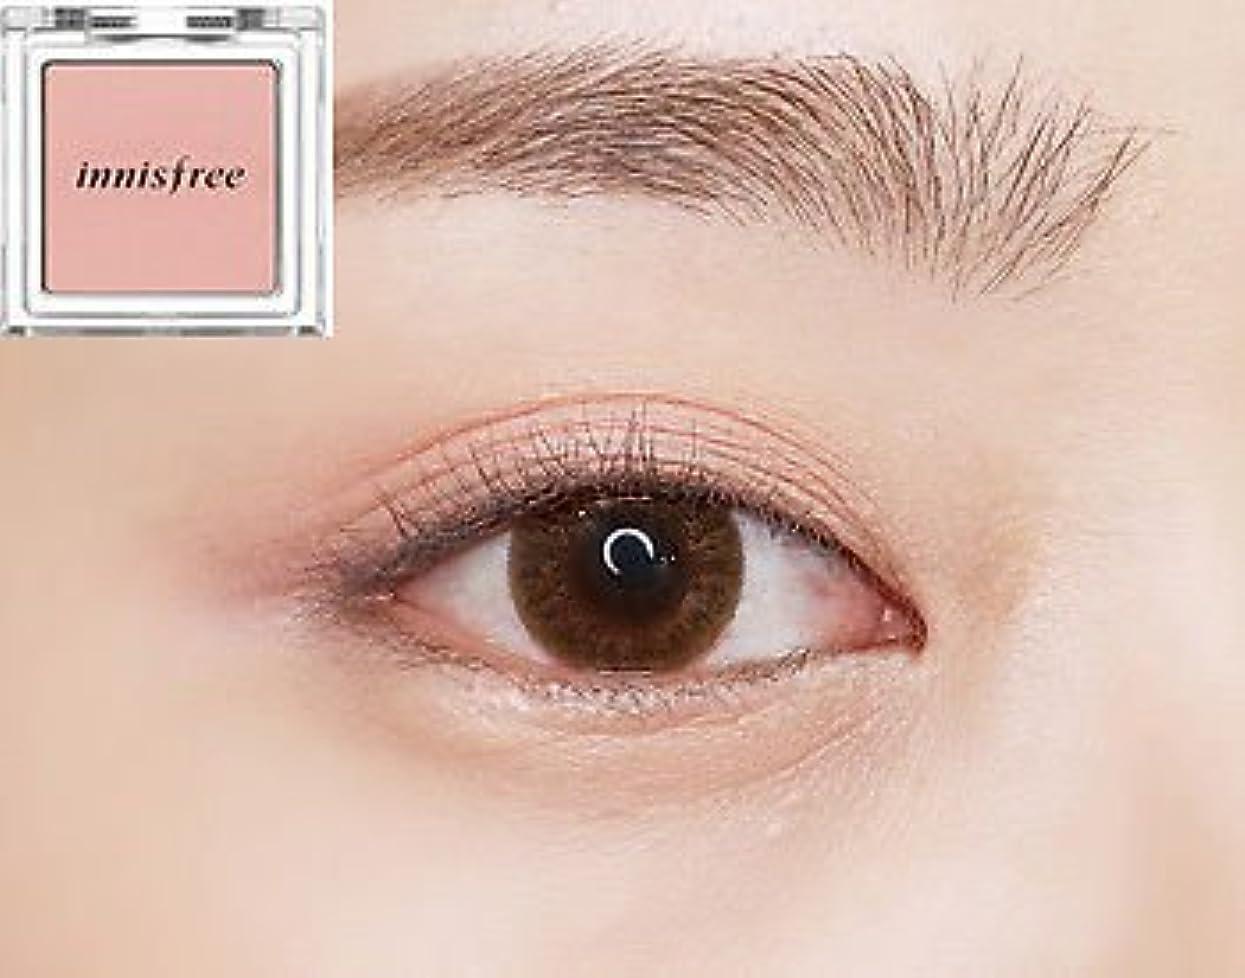 対抗キモいセマフォ[イニスフリー] innisfree [マイ パレット マイ アイシャドウ (シマ一) 39カラー] MY PALETTE My Eyeshadow (Shimmer) 39 Shades [海外直送品] (シマ一 #03)